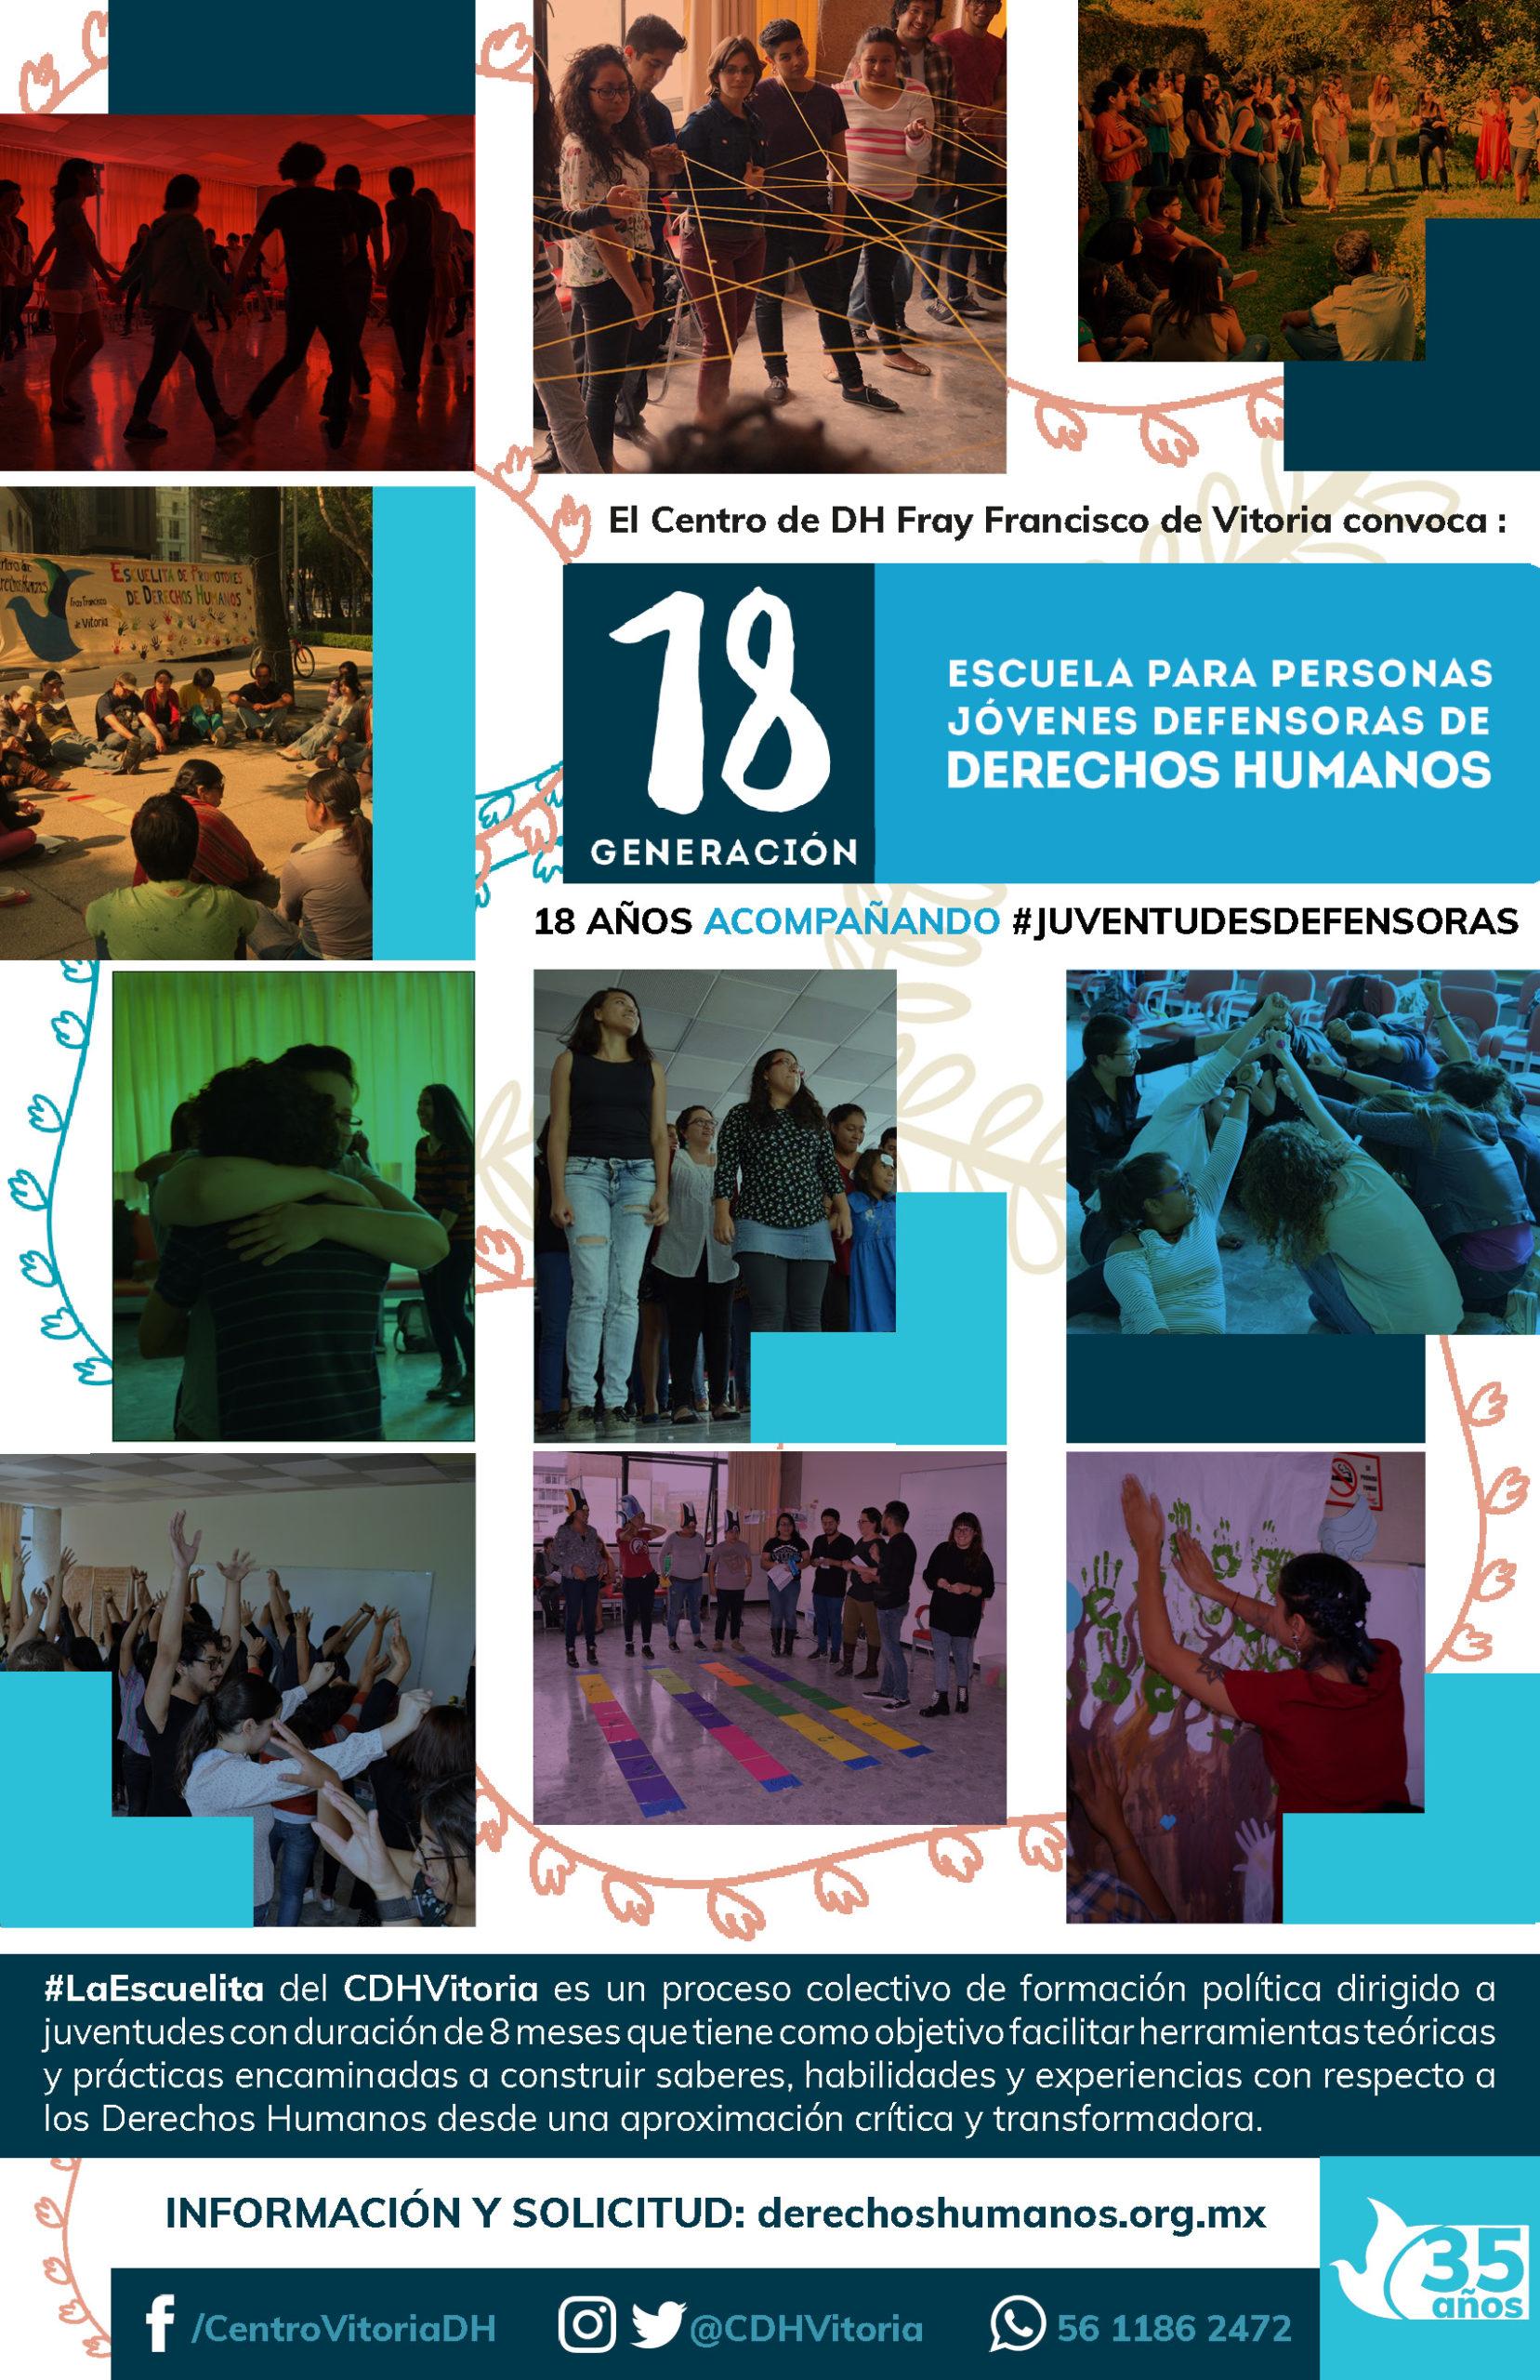 CONVOCATORIA : Escuela para Personas Jóvenes Defensoras de DH 2020